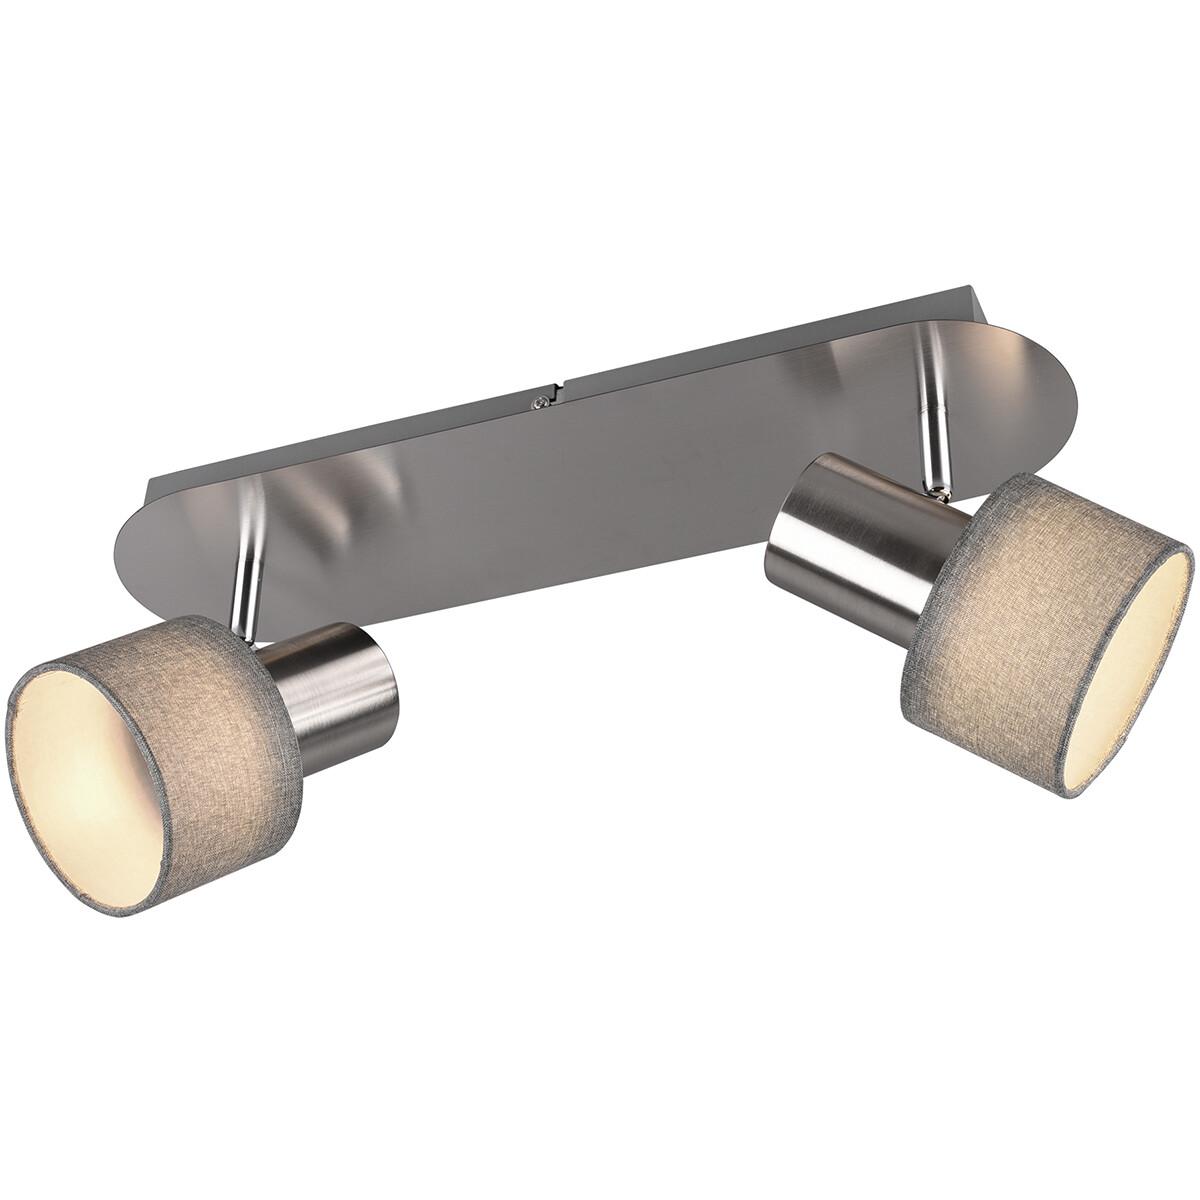 LED Plafondspot - Trion Waler - GU10 Fitting - 2-lichts - Rechthoek - Mat Nikkel - Aluminium